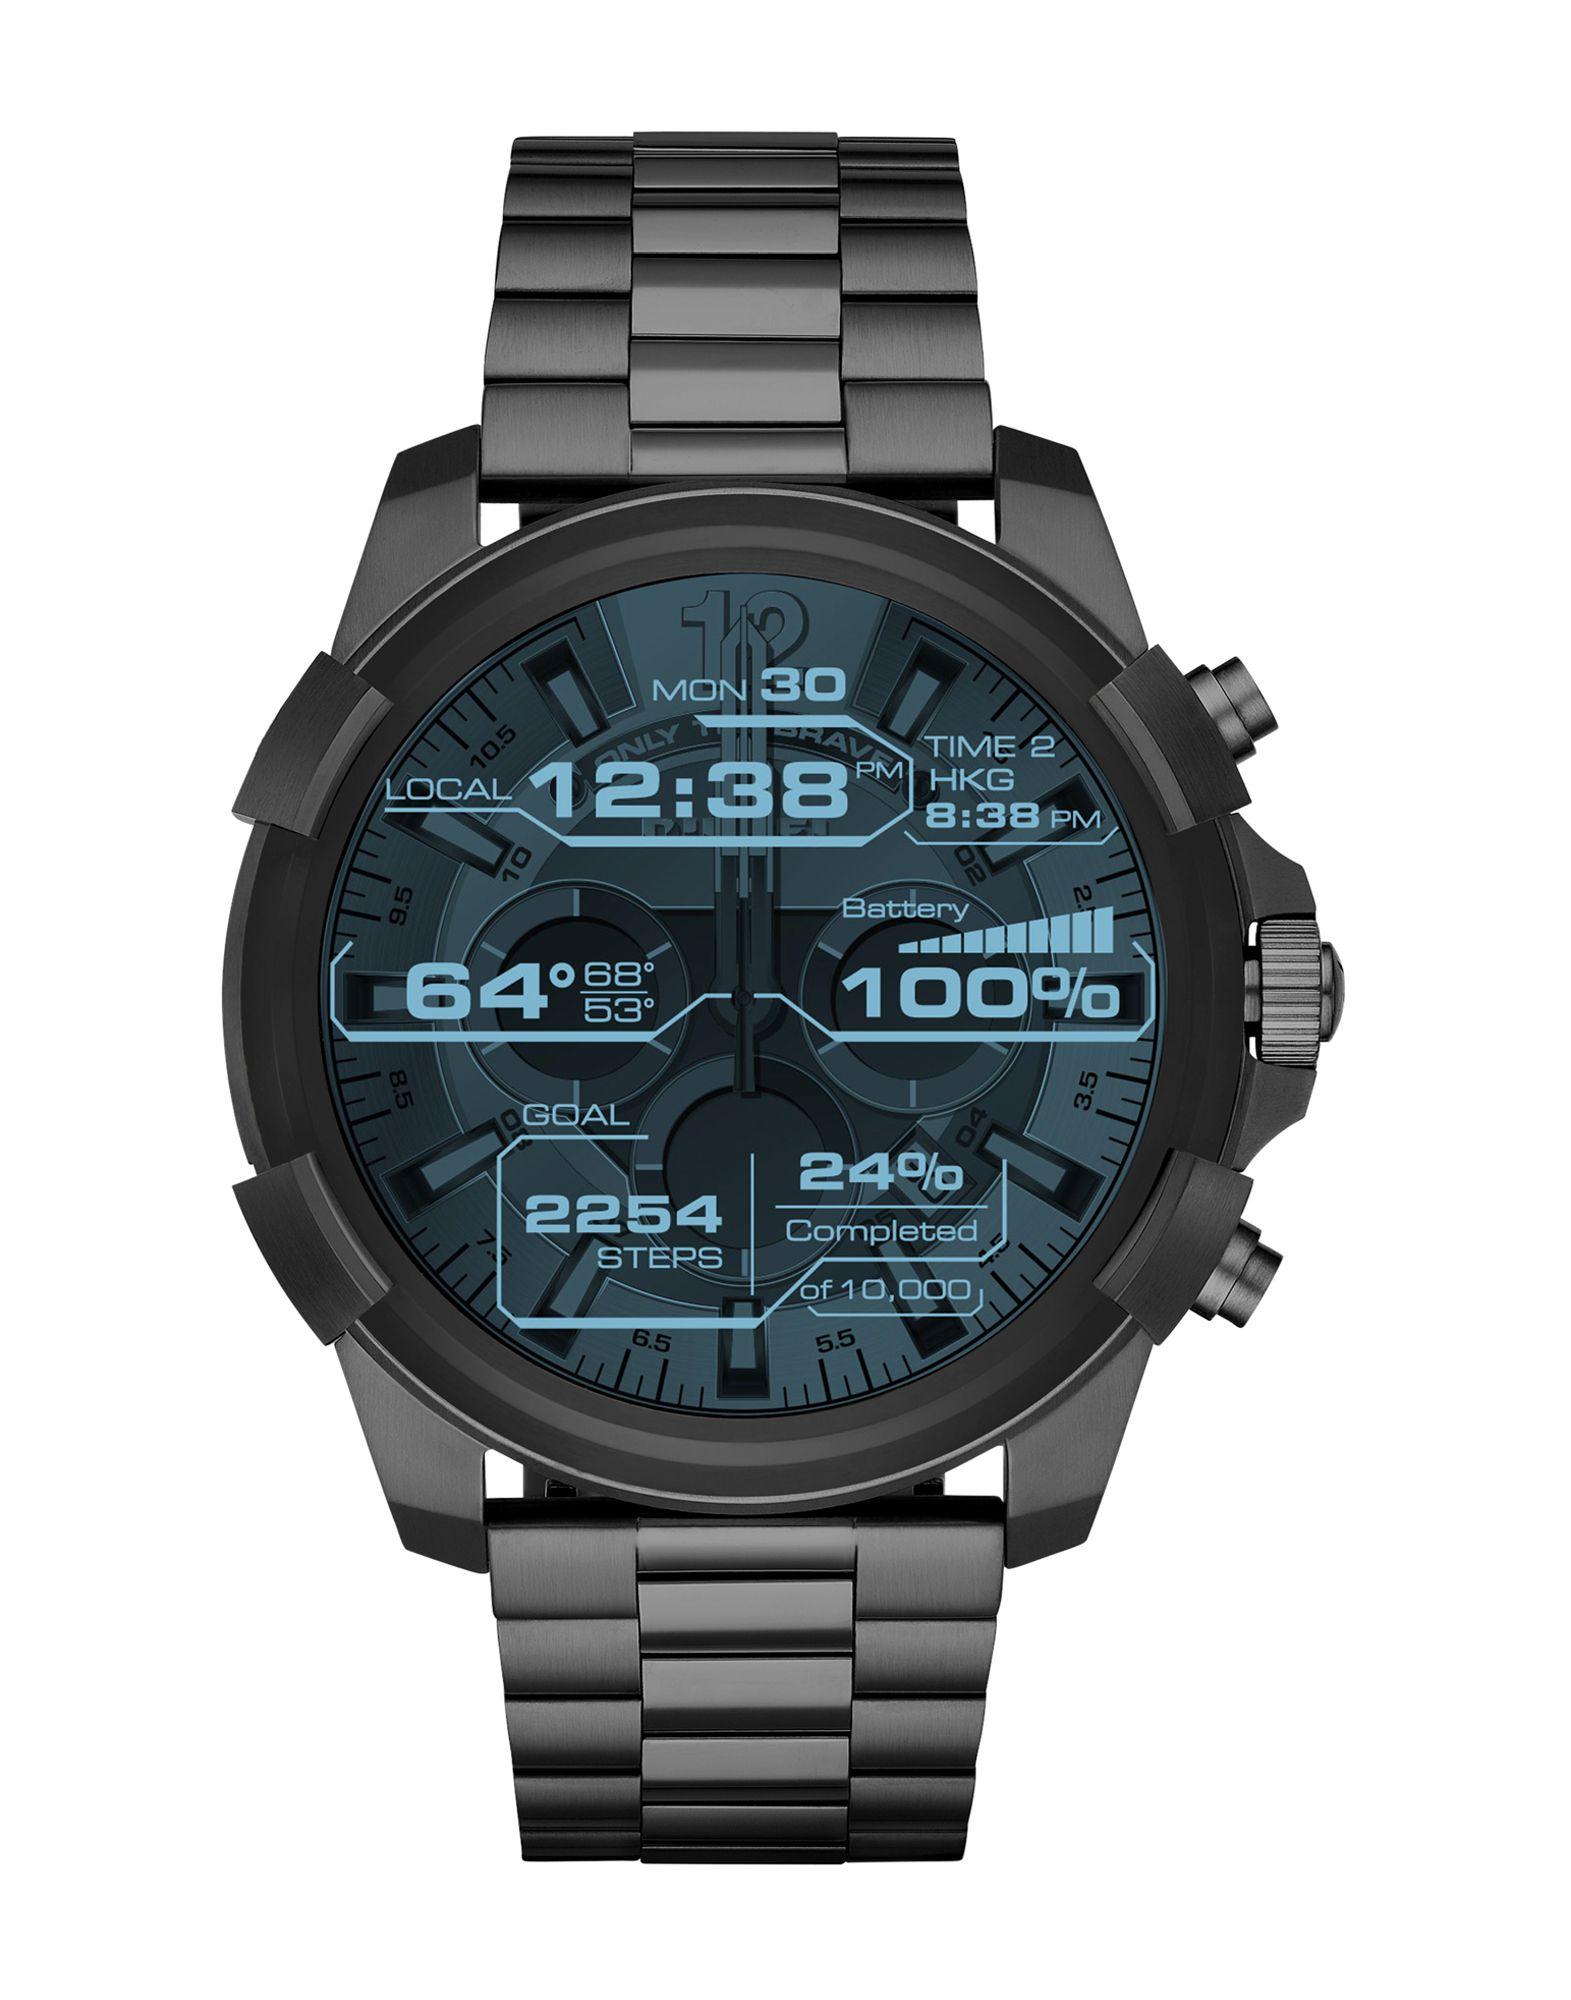 DIESEL ON Herren Smartwatch Farbe Blei Größe 1 - broschei